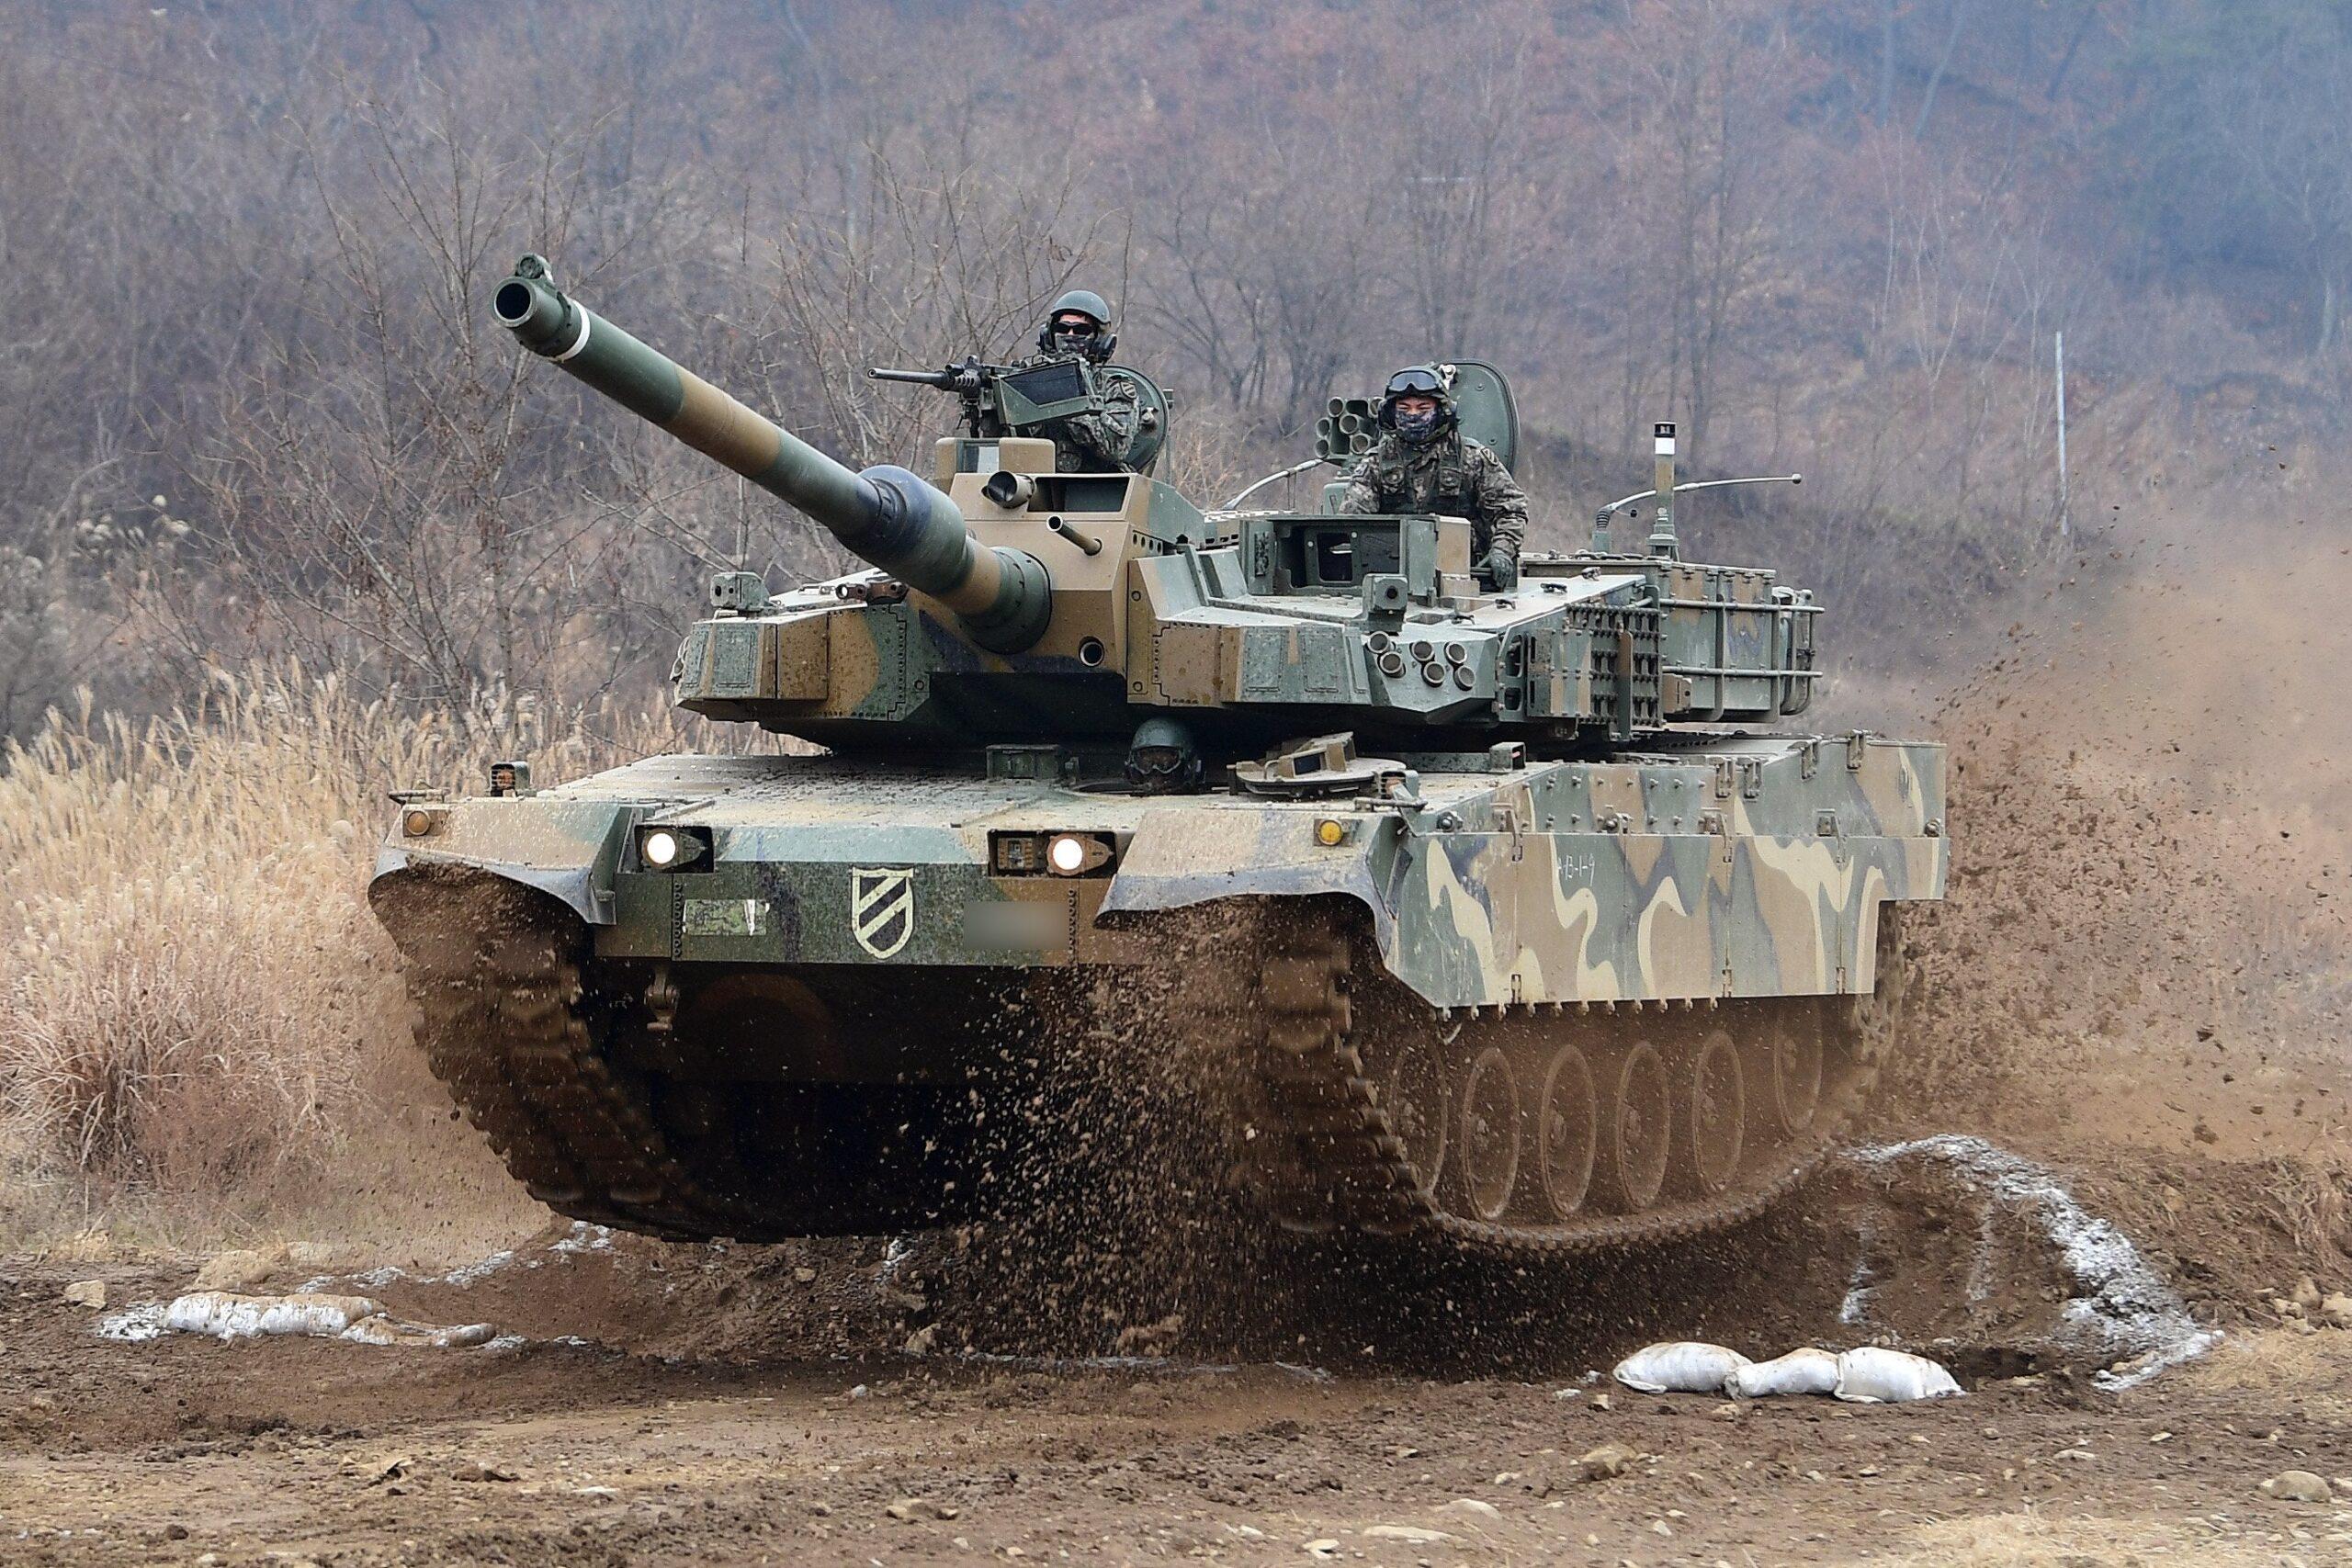 Guney Kore Nin Yerli Uretim 1 500 Hp Tank Motoru Piyasaya Suruluyor Defenceturk